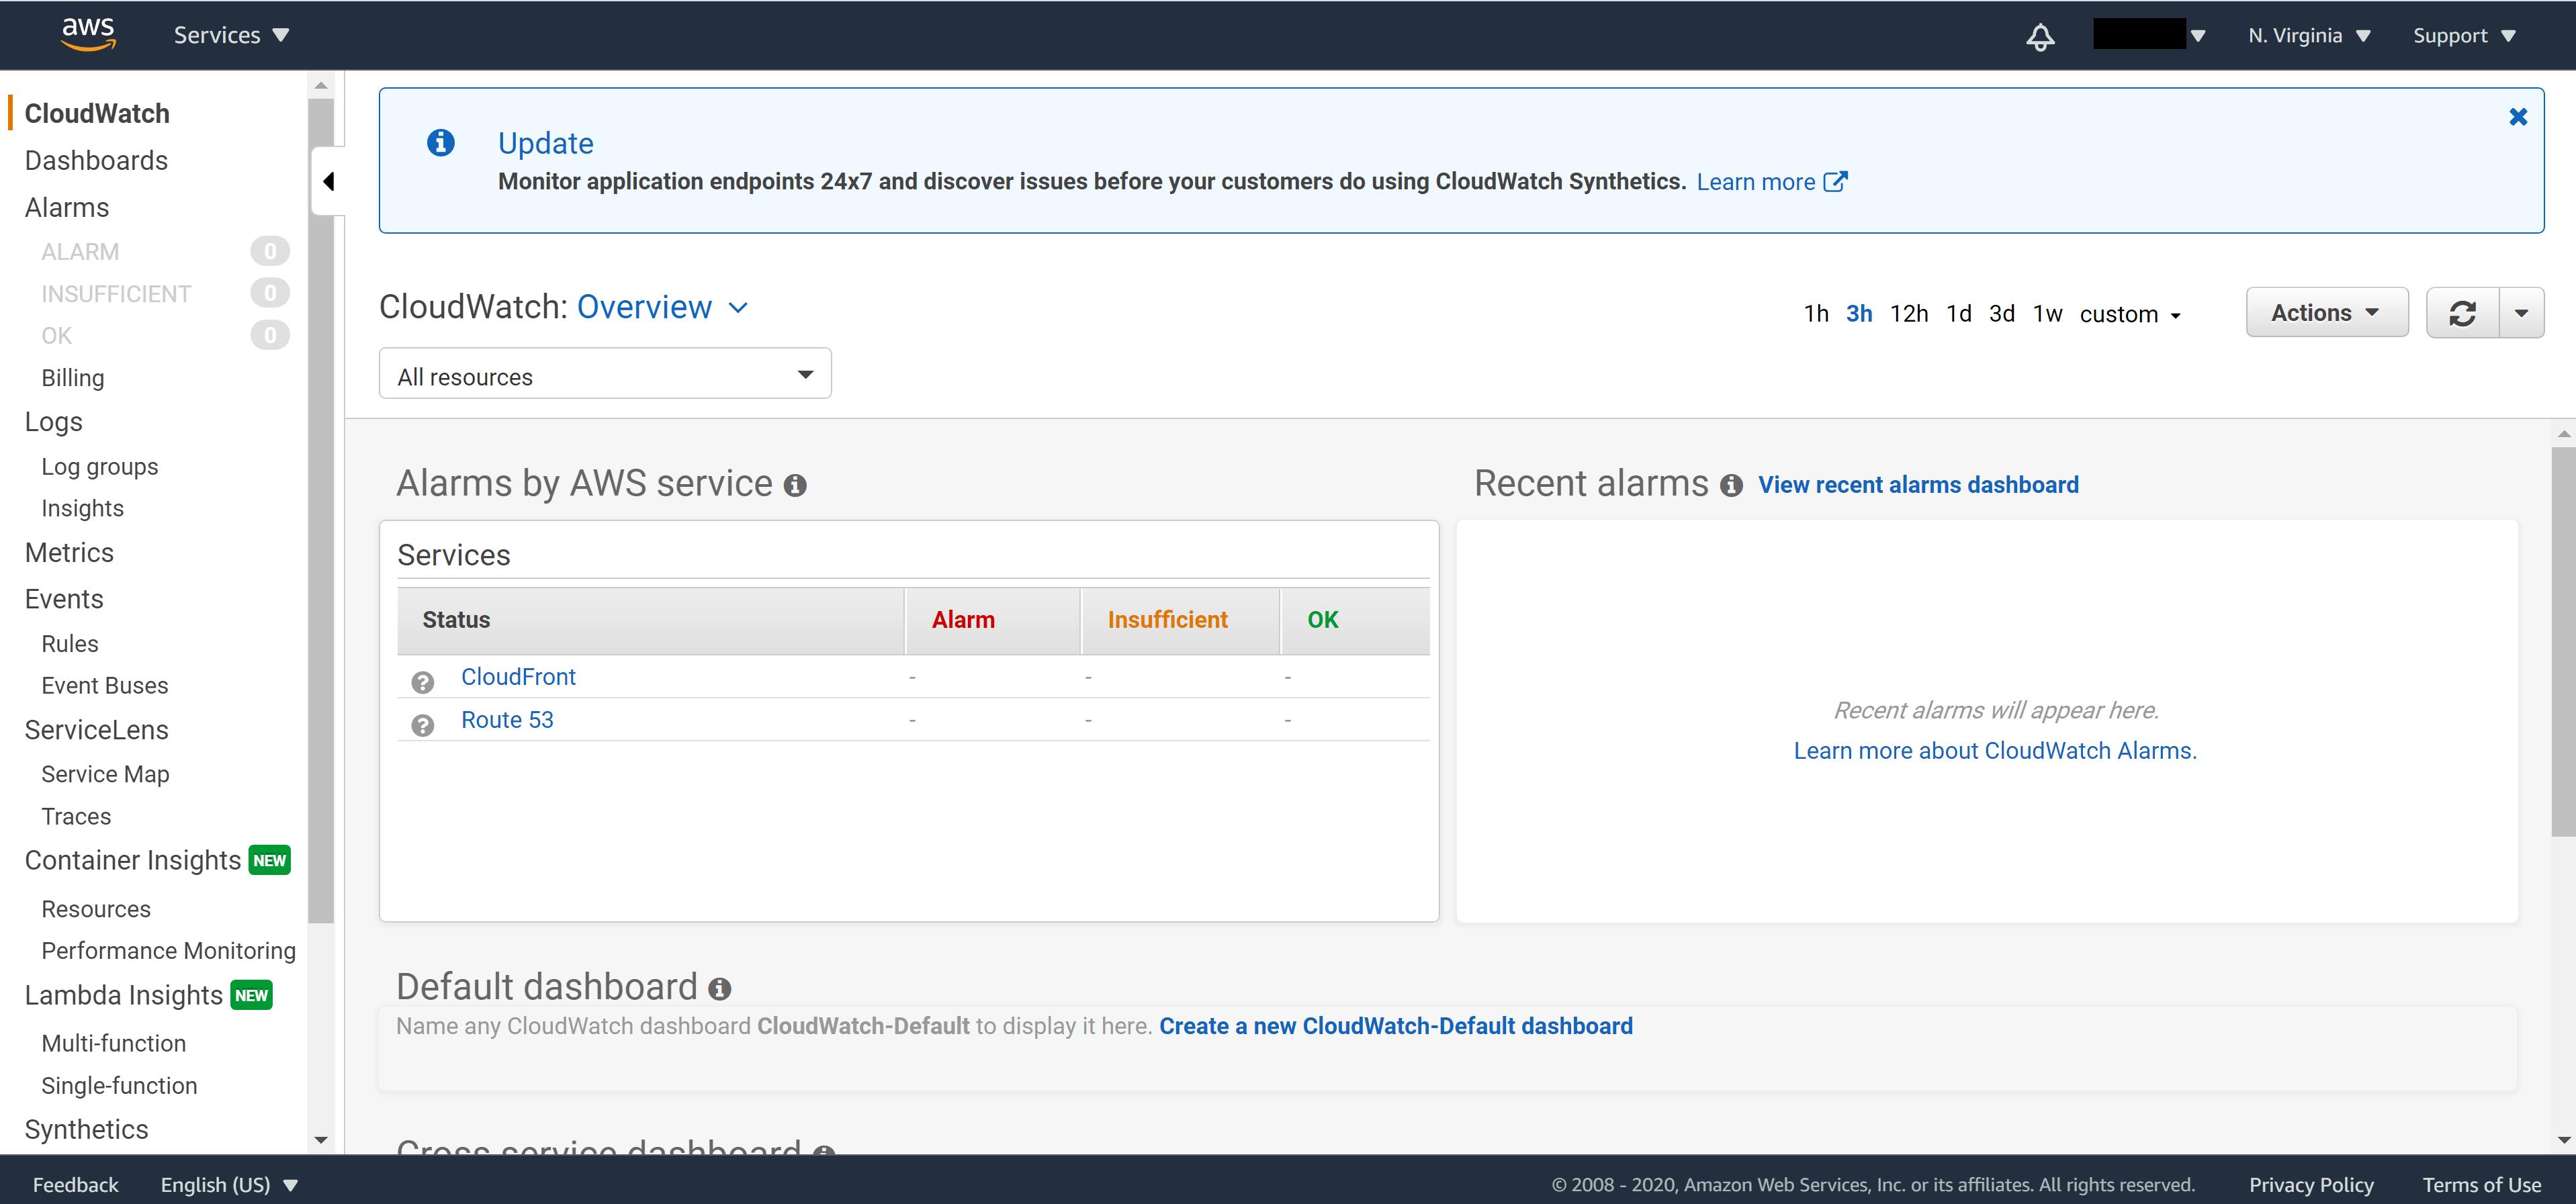 CloudWatch dashboard